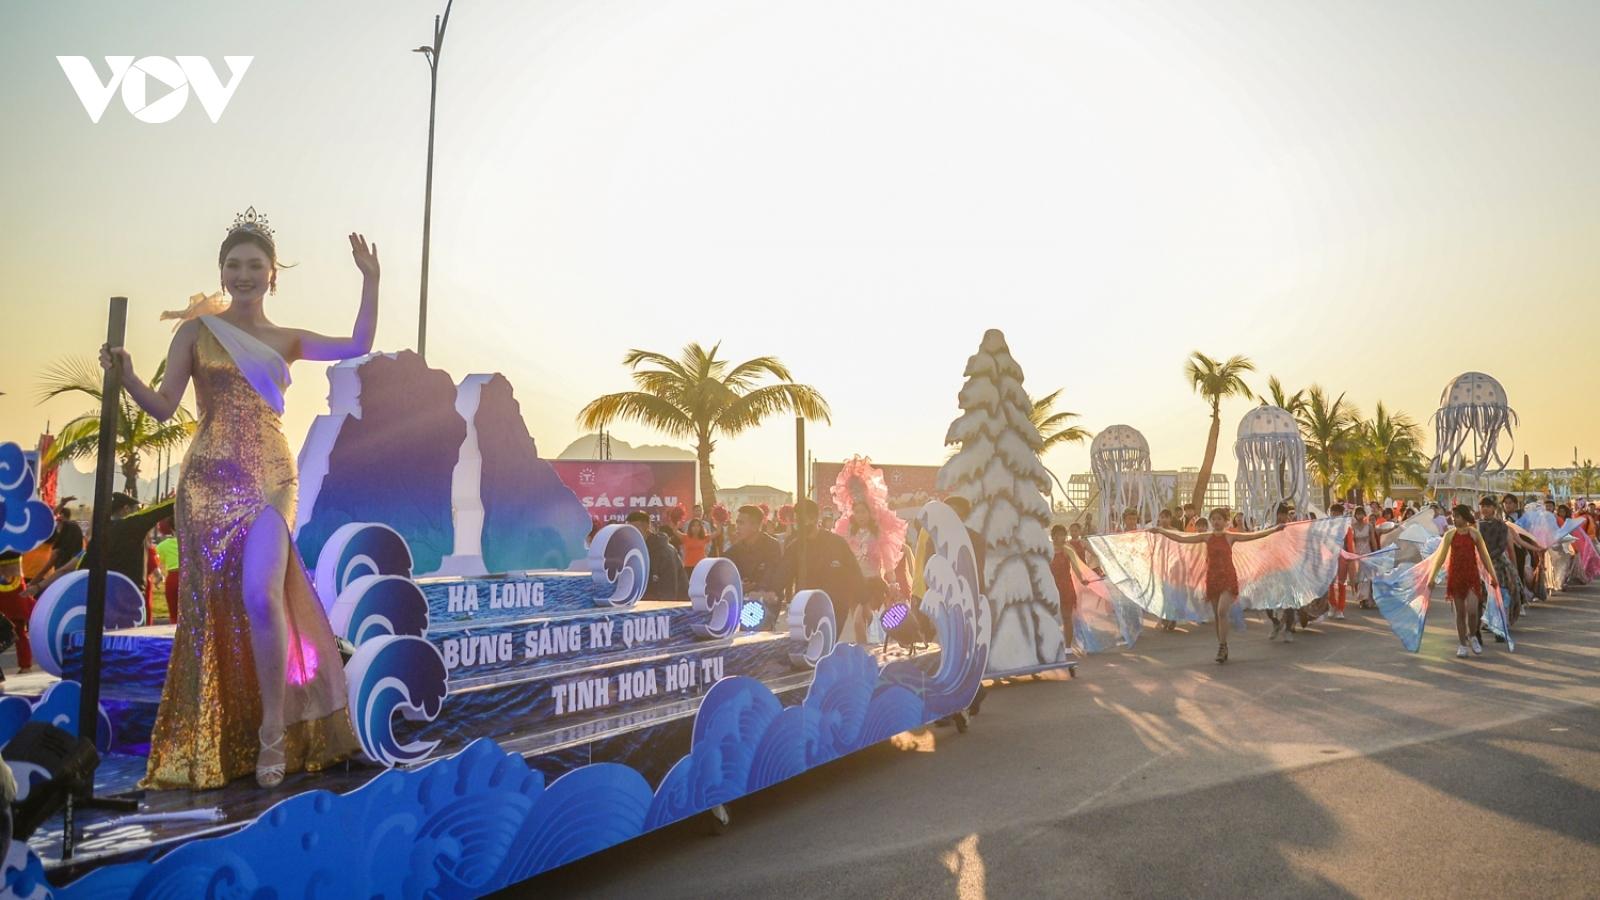 Du lịch mùa đông Quảng Ninh: Bước chuyển mình ấn tượng